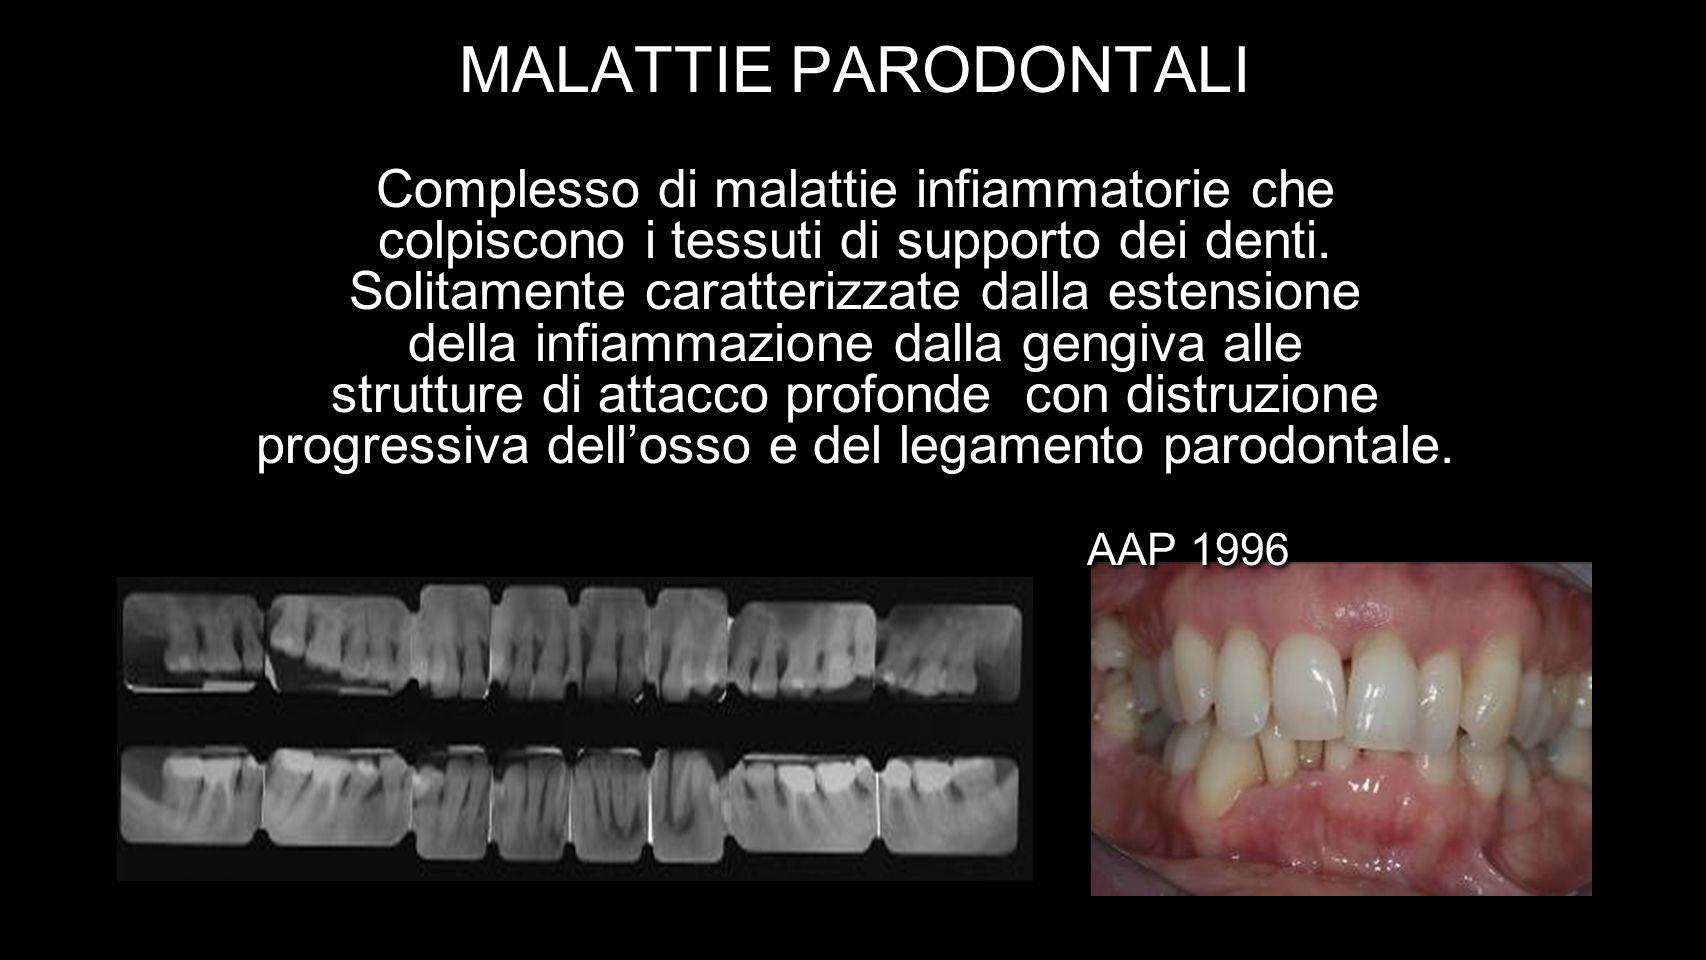 MALATTIE PARODONTALI Complesso di malattie infiammatorie che colpiscono i tessuti di supporto dei denti. Solitamente caratterizzate dalla estensione d